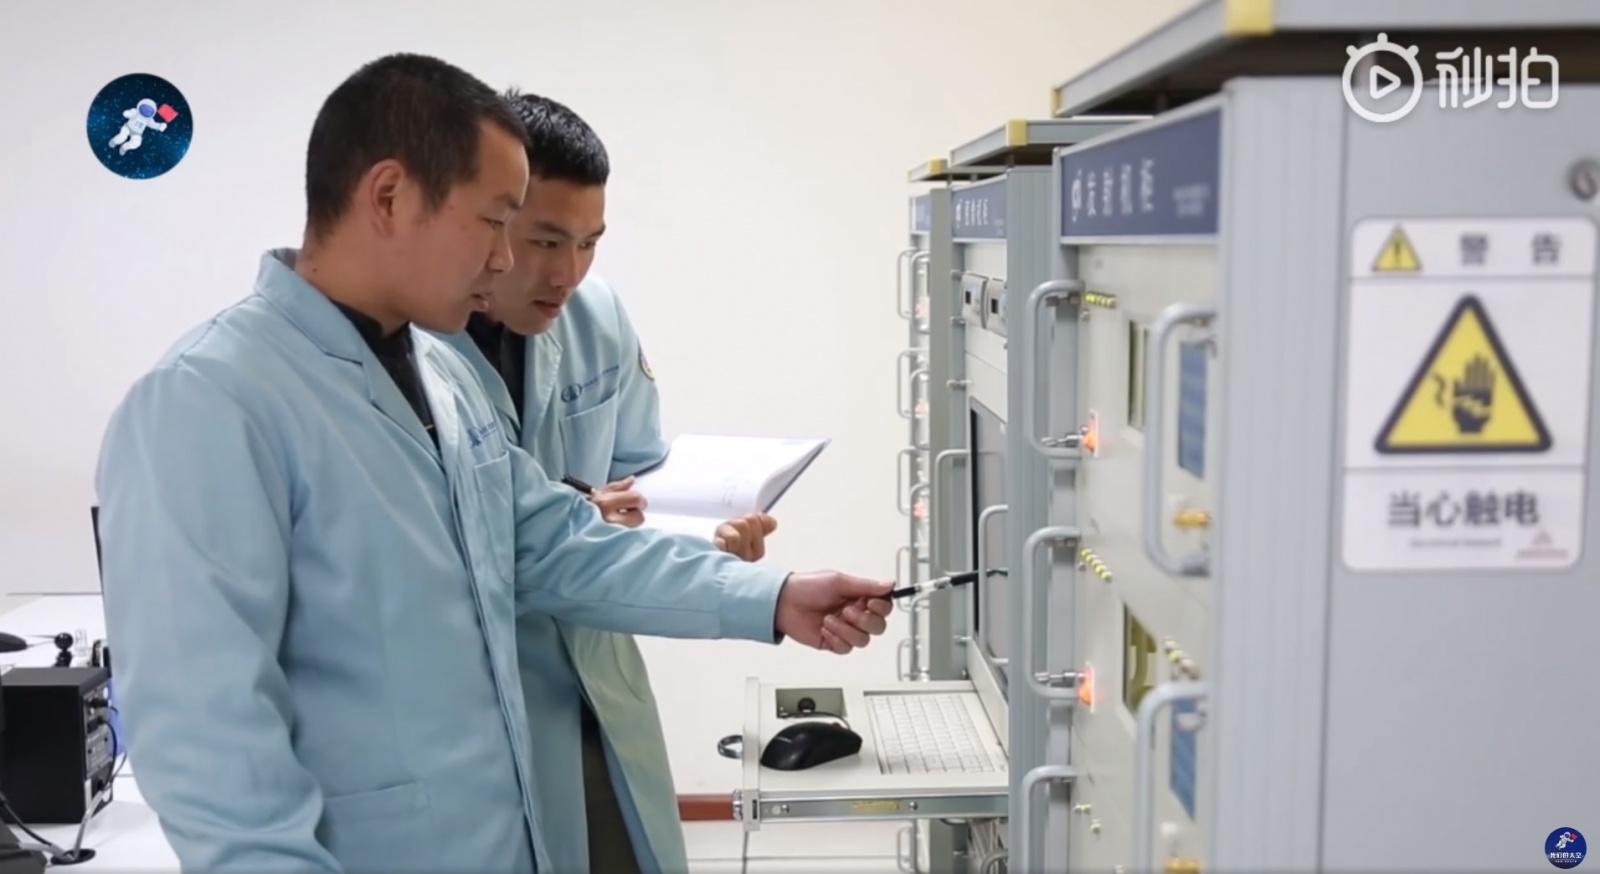 Суровая рабочая реальность — Китайский космодром Сичан (Xichang Satellite Launch Center — XSLC) - 51